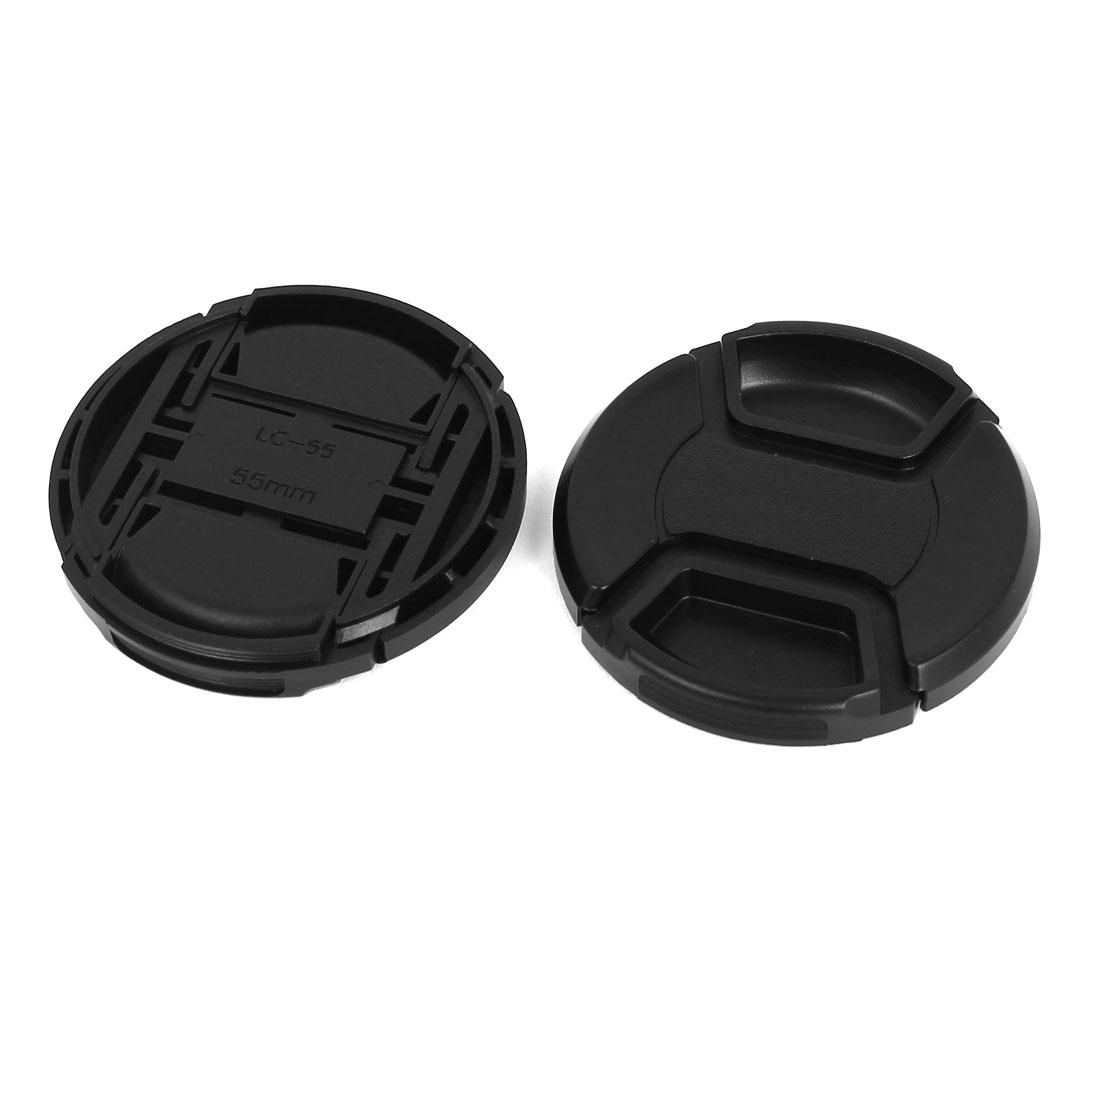 55mm Dia Plastic Front Snap Digital Camera Lens Caps Cover Protector Black 2Pcs